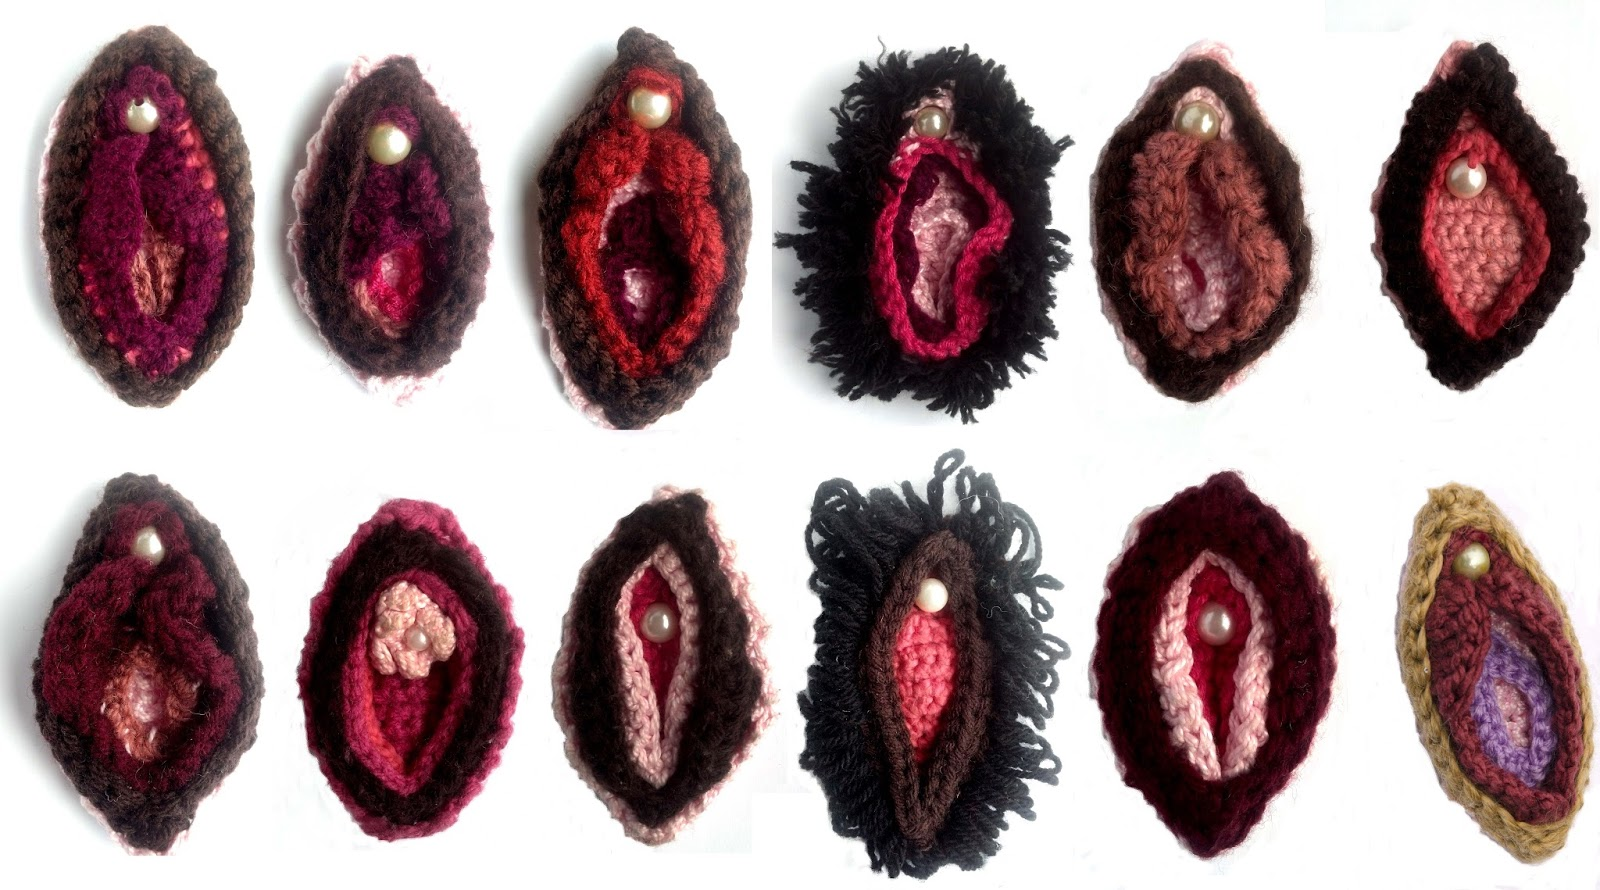 My vulva is